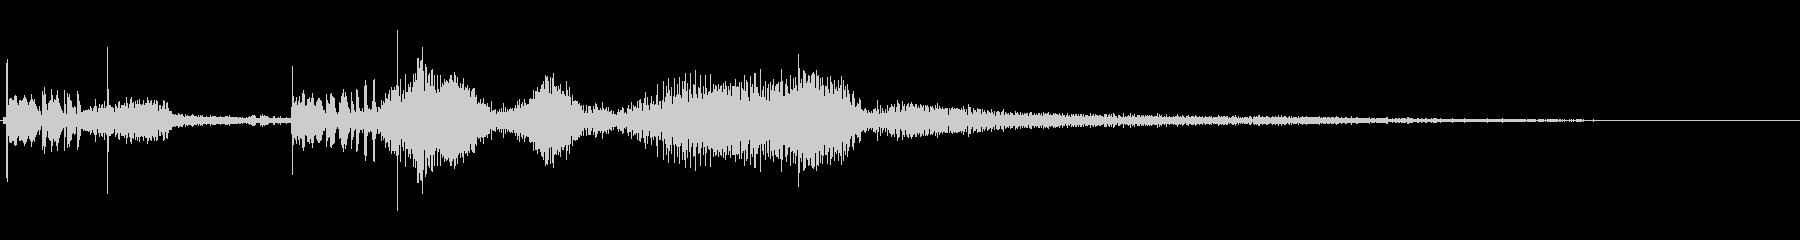 1号車;開始、中ドラッグマフラーの未再生の波形